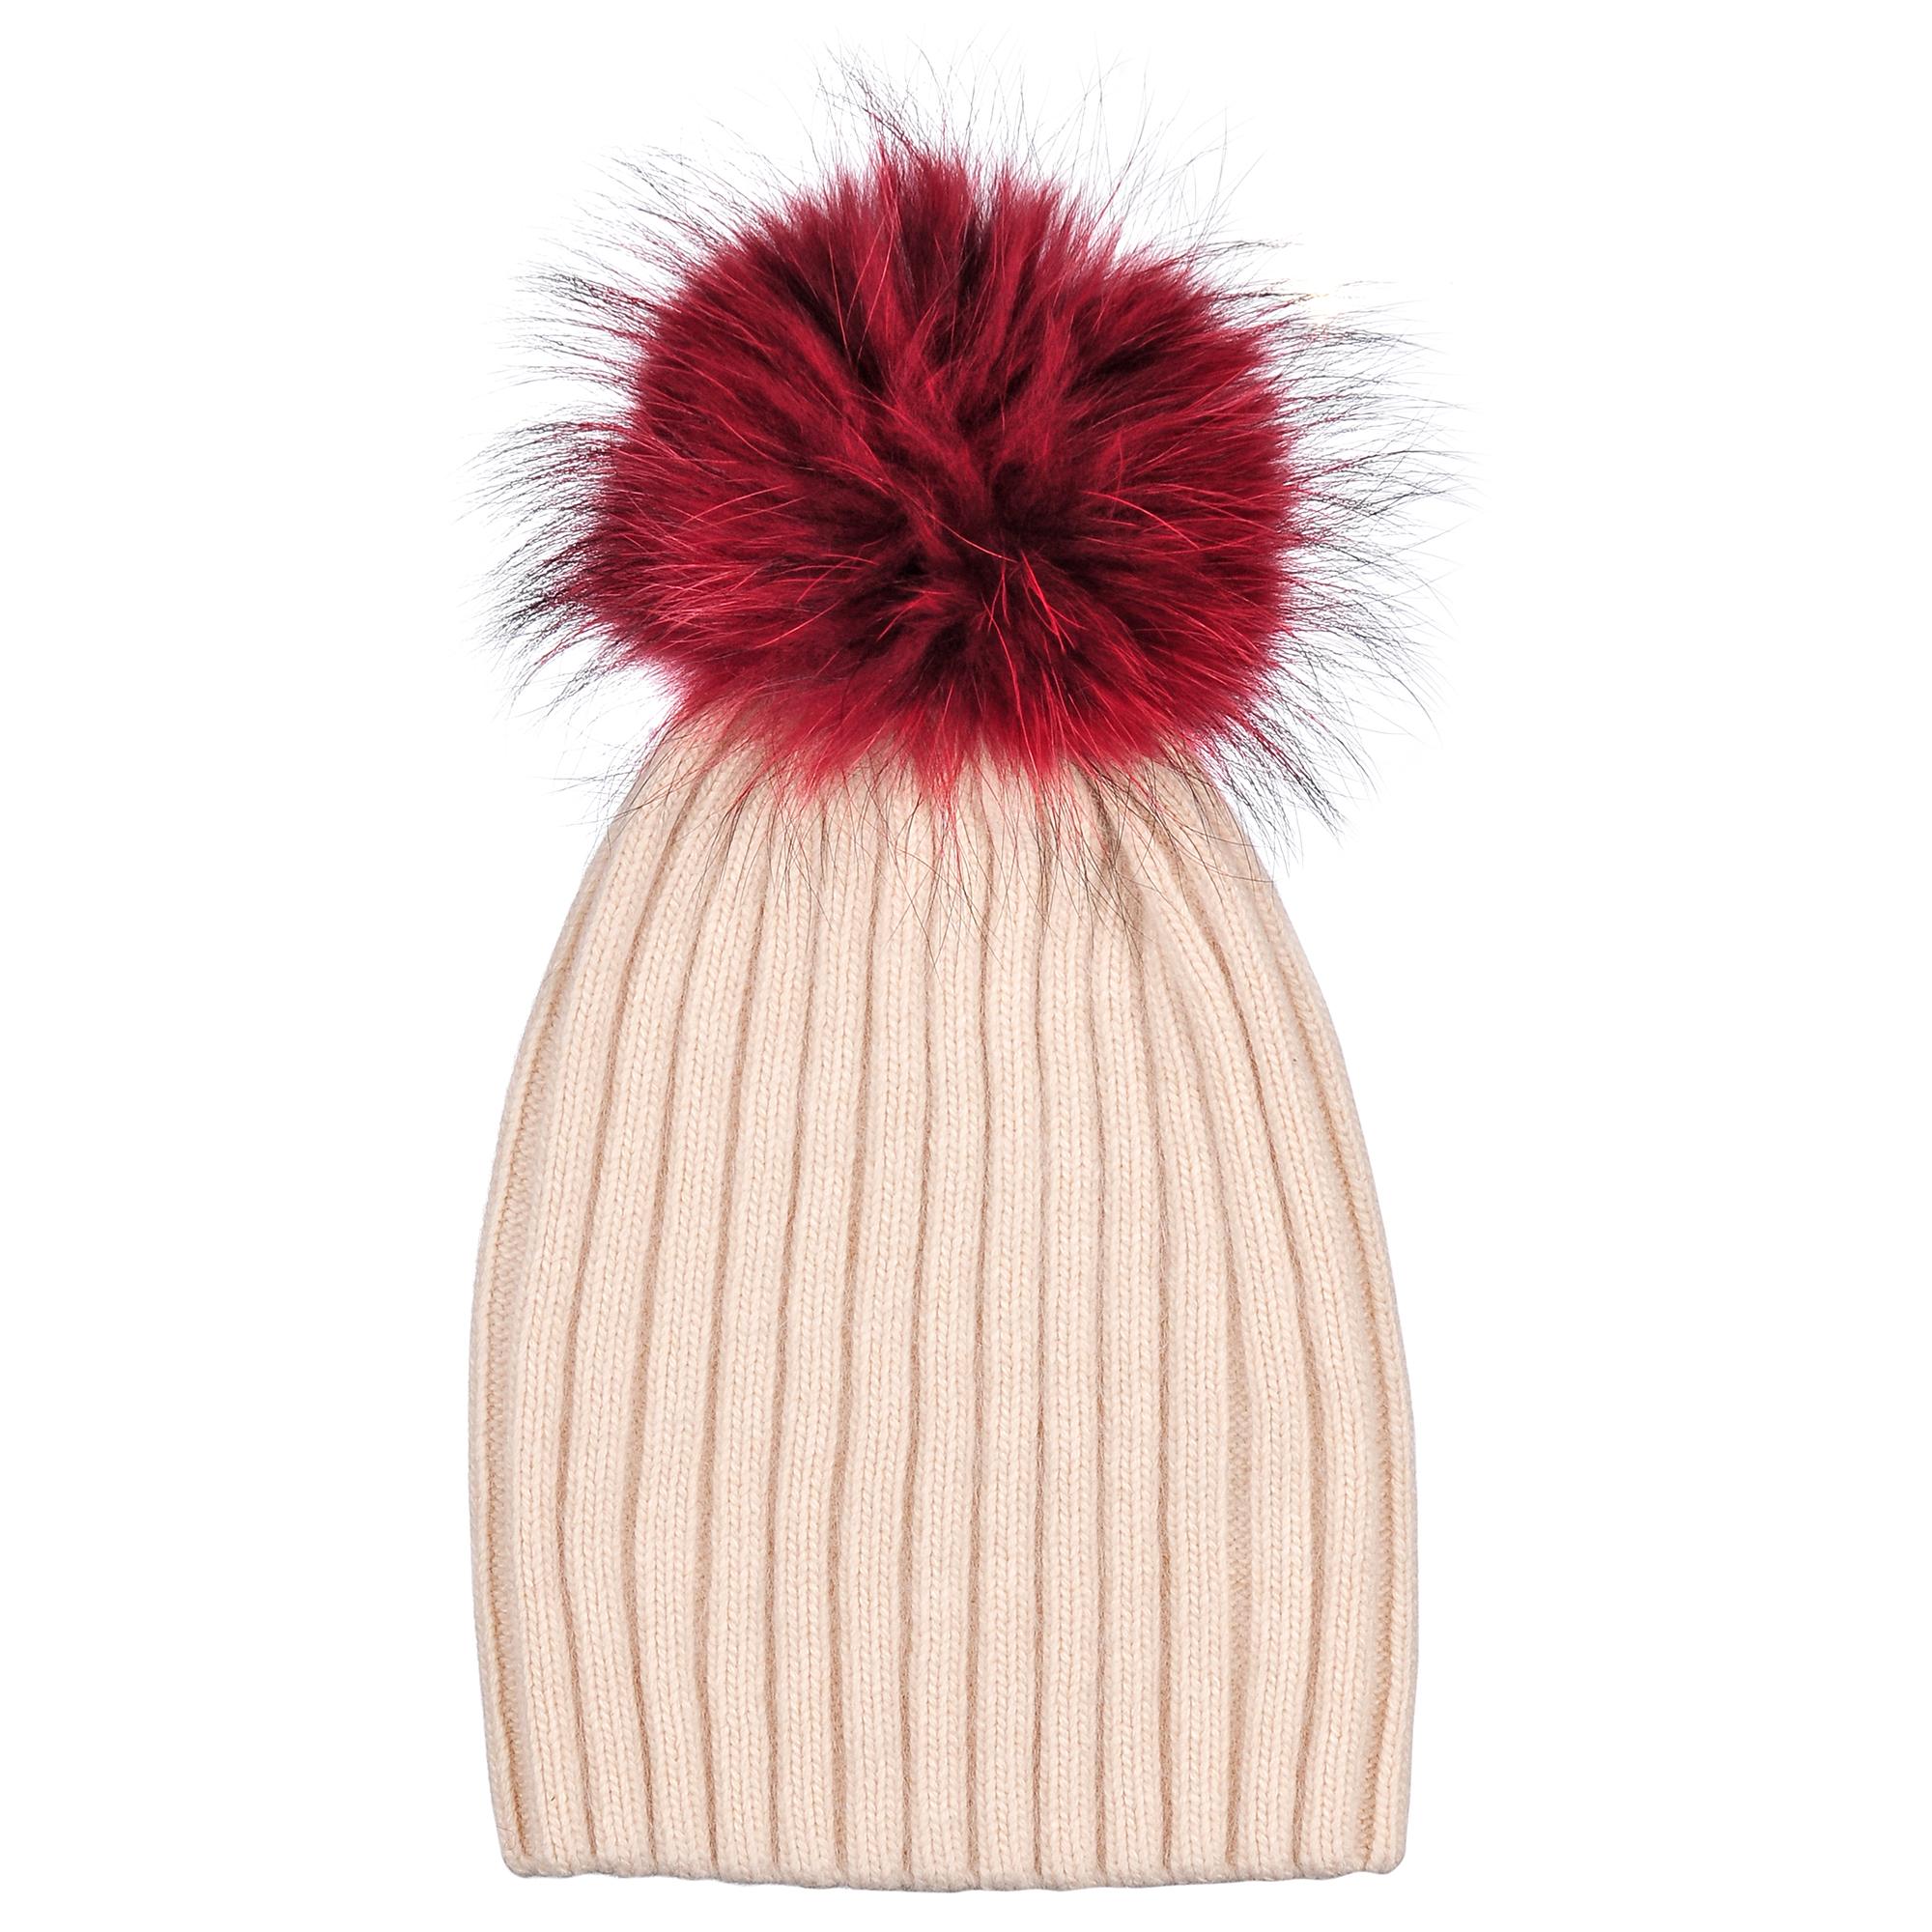 Шапка4-0049-001Трендовая шапка - чулок из натурального кролика с помпоном из натурального меха. Отличный аксессуар защитит в непогоду и подарит ощущение теплоты.